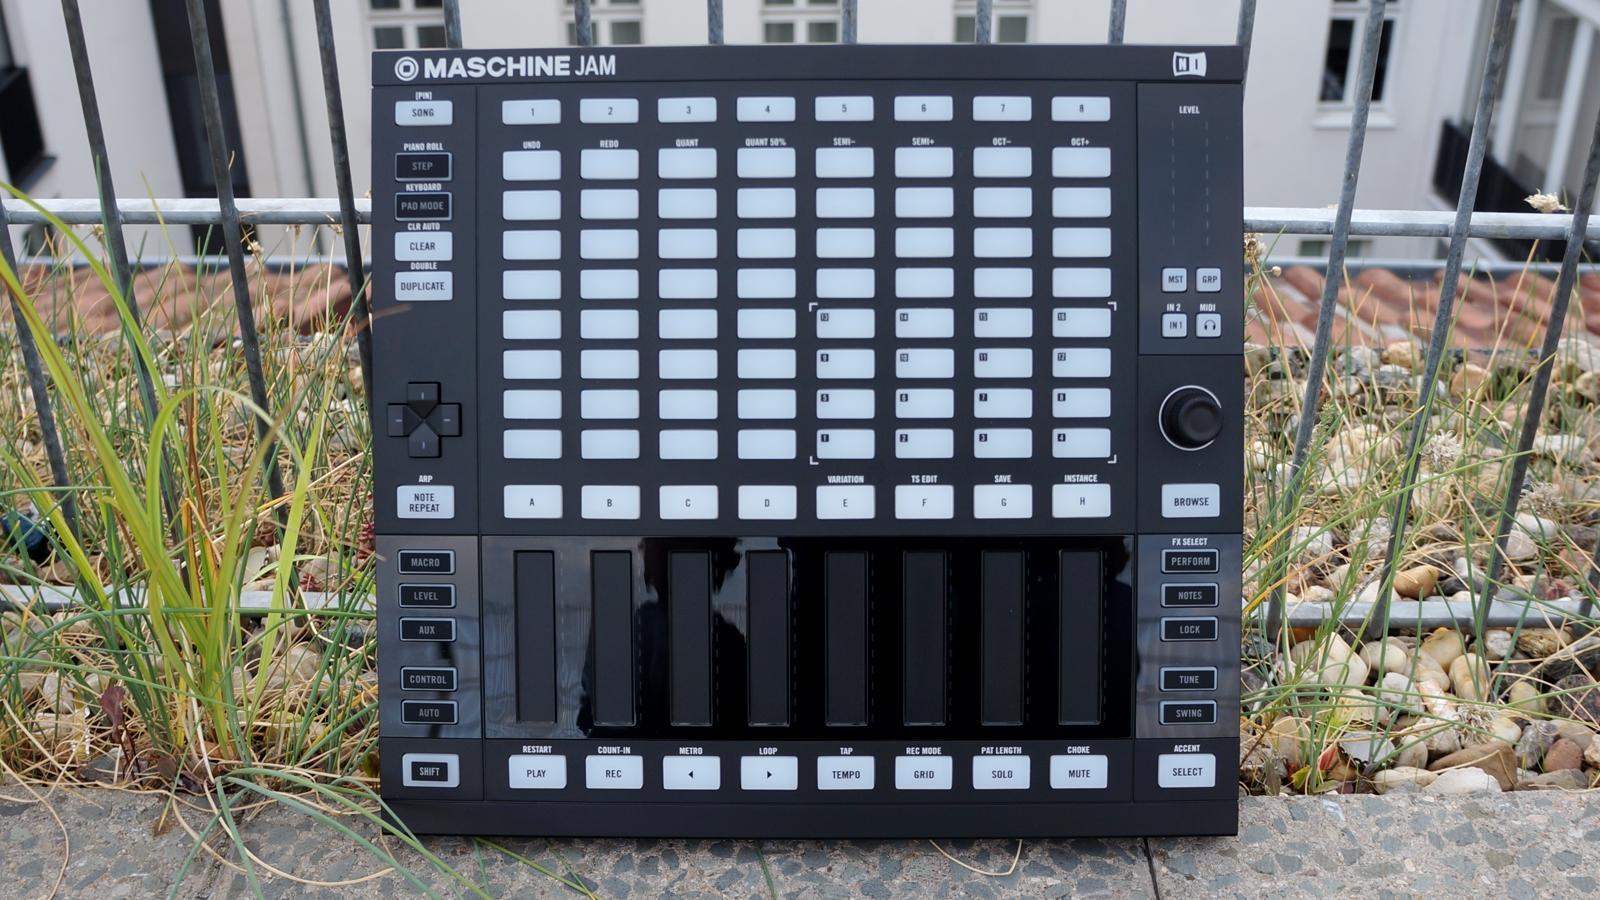 NI Maschine Jam 02